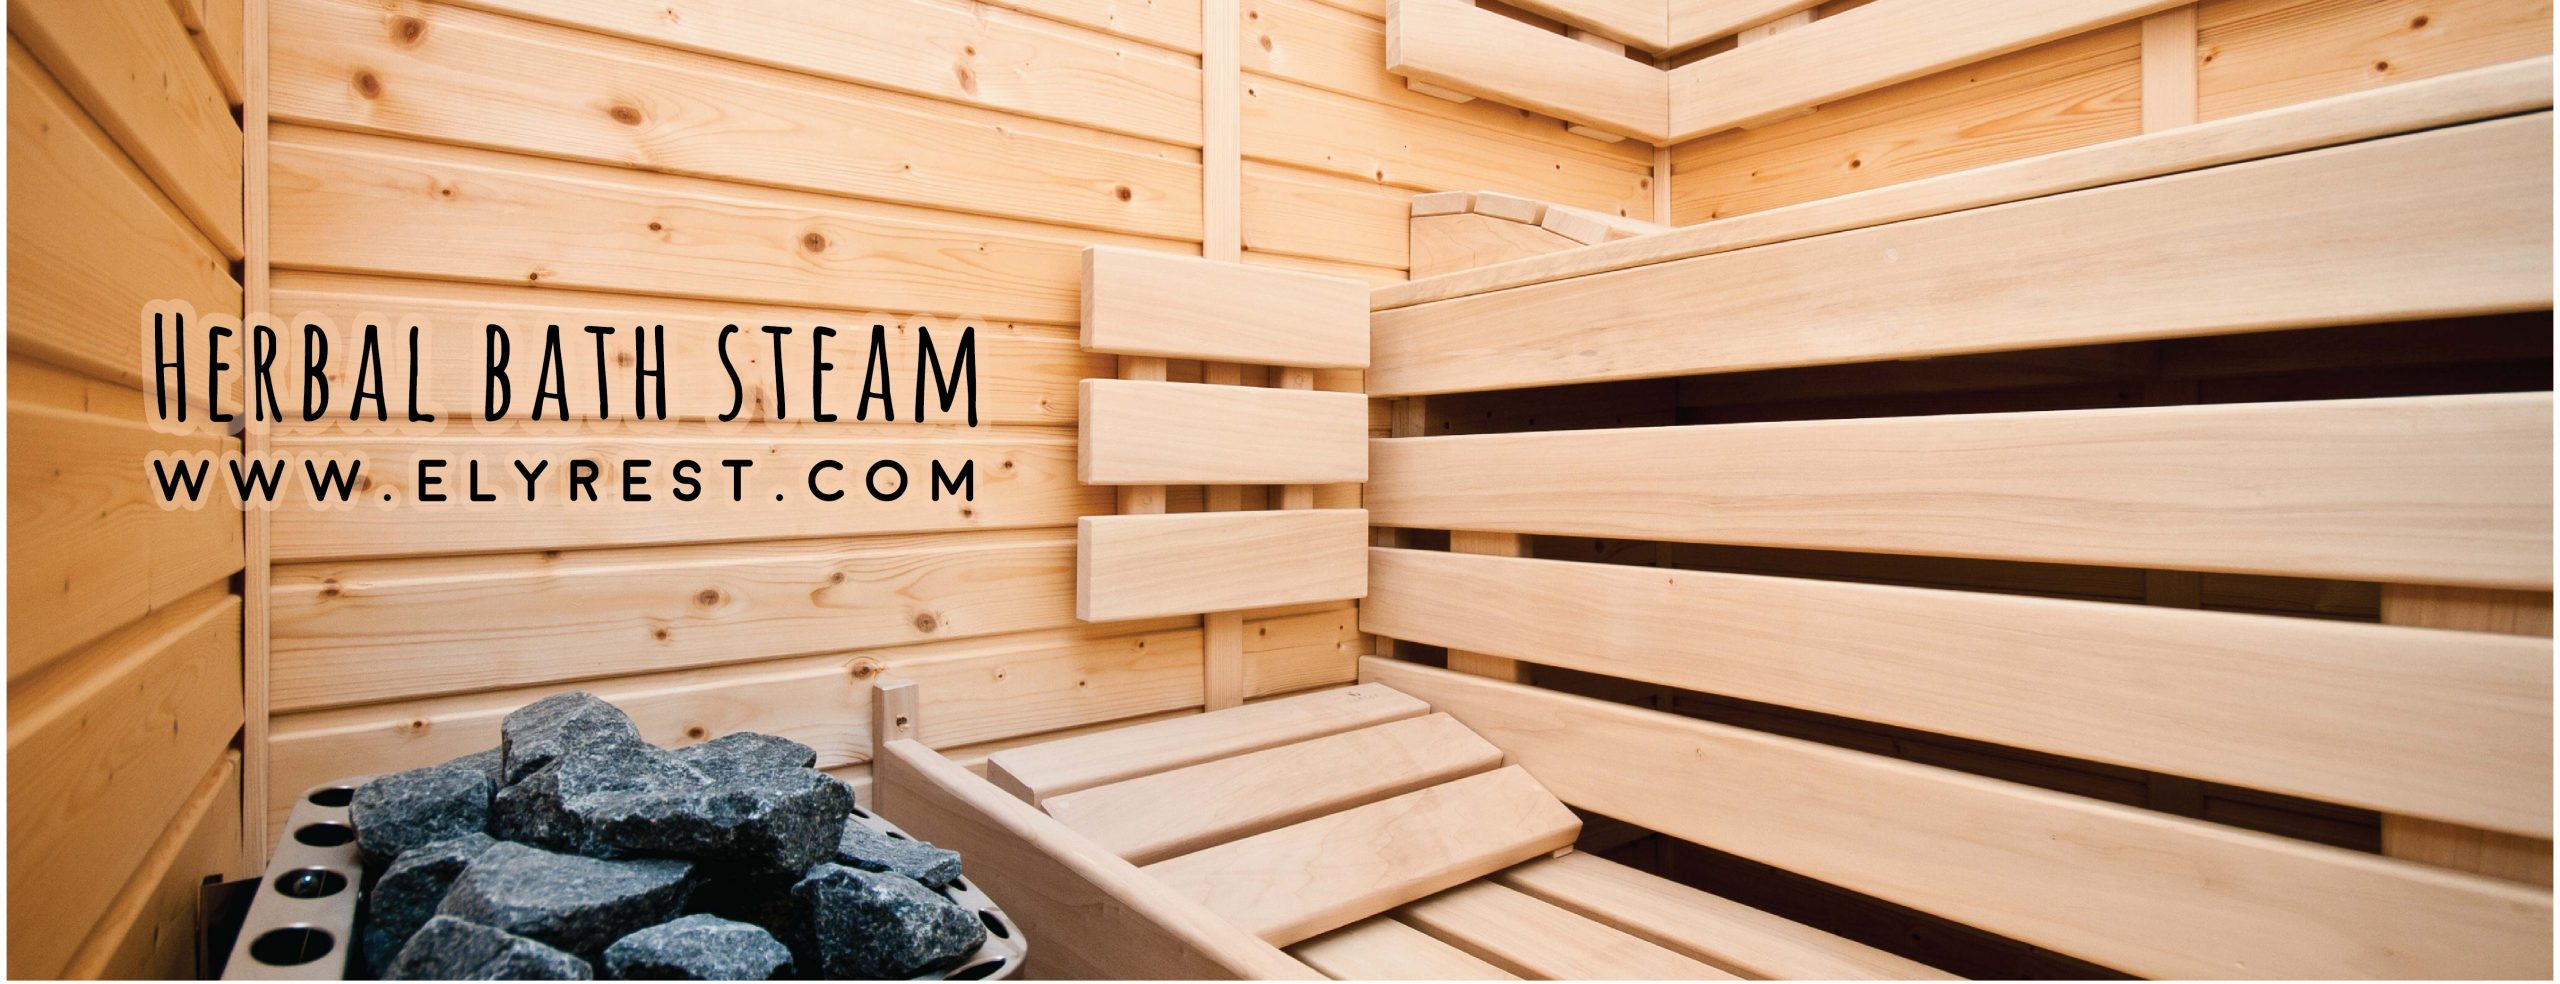 Herbal Bath steam